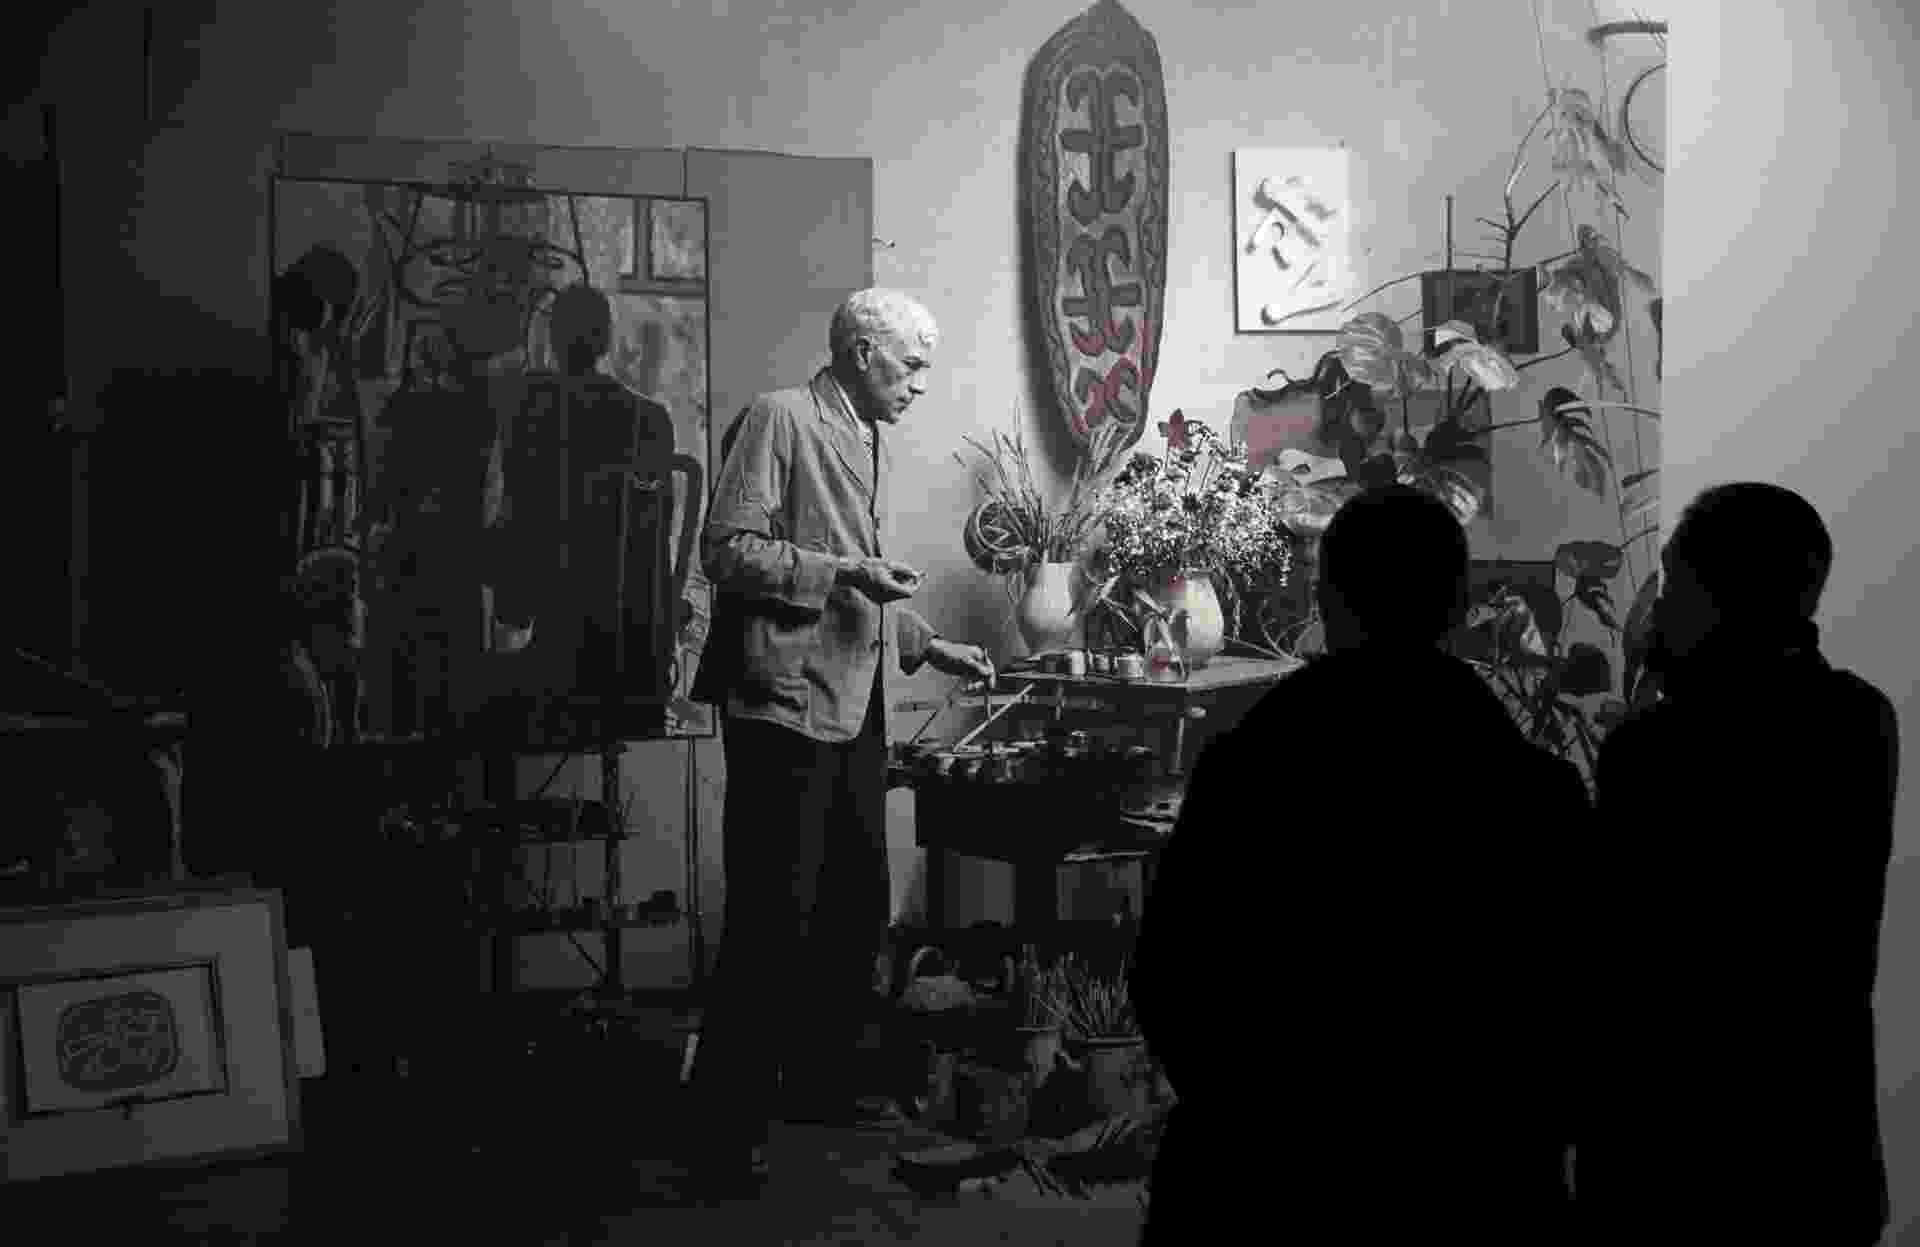 """17.set.2013 - Visitantes contemplam fotografia do artista francês Georges Braque na """"Retrospectiva de Georges Braque"""" no Museu Grand Palais de Paris - EFE/Christophe Karaba"""